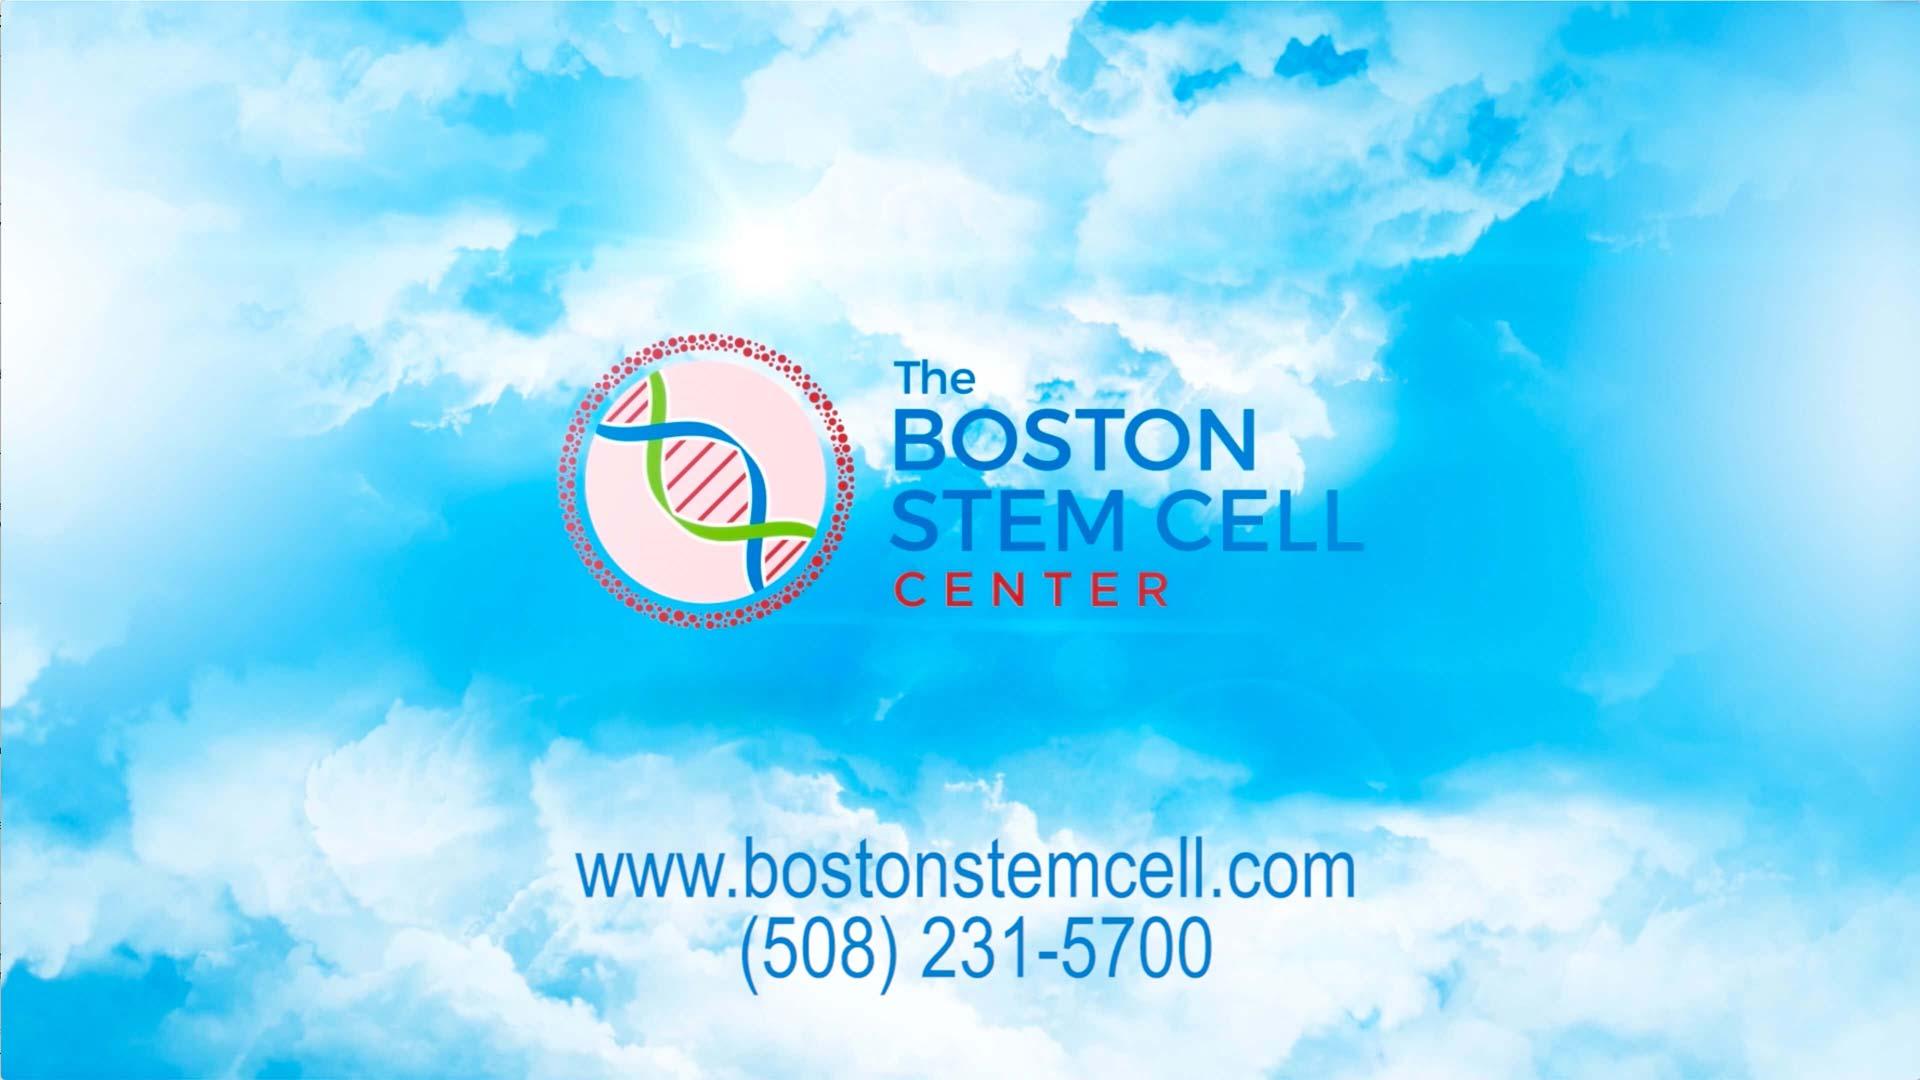 Boston Stem Cell Center